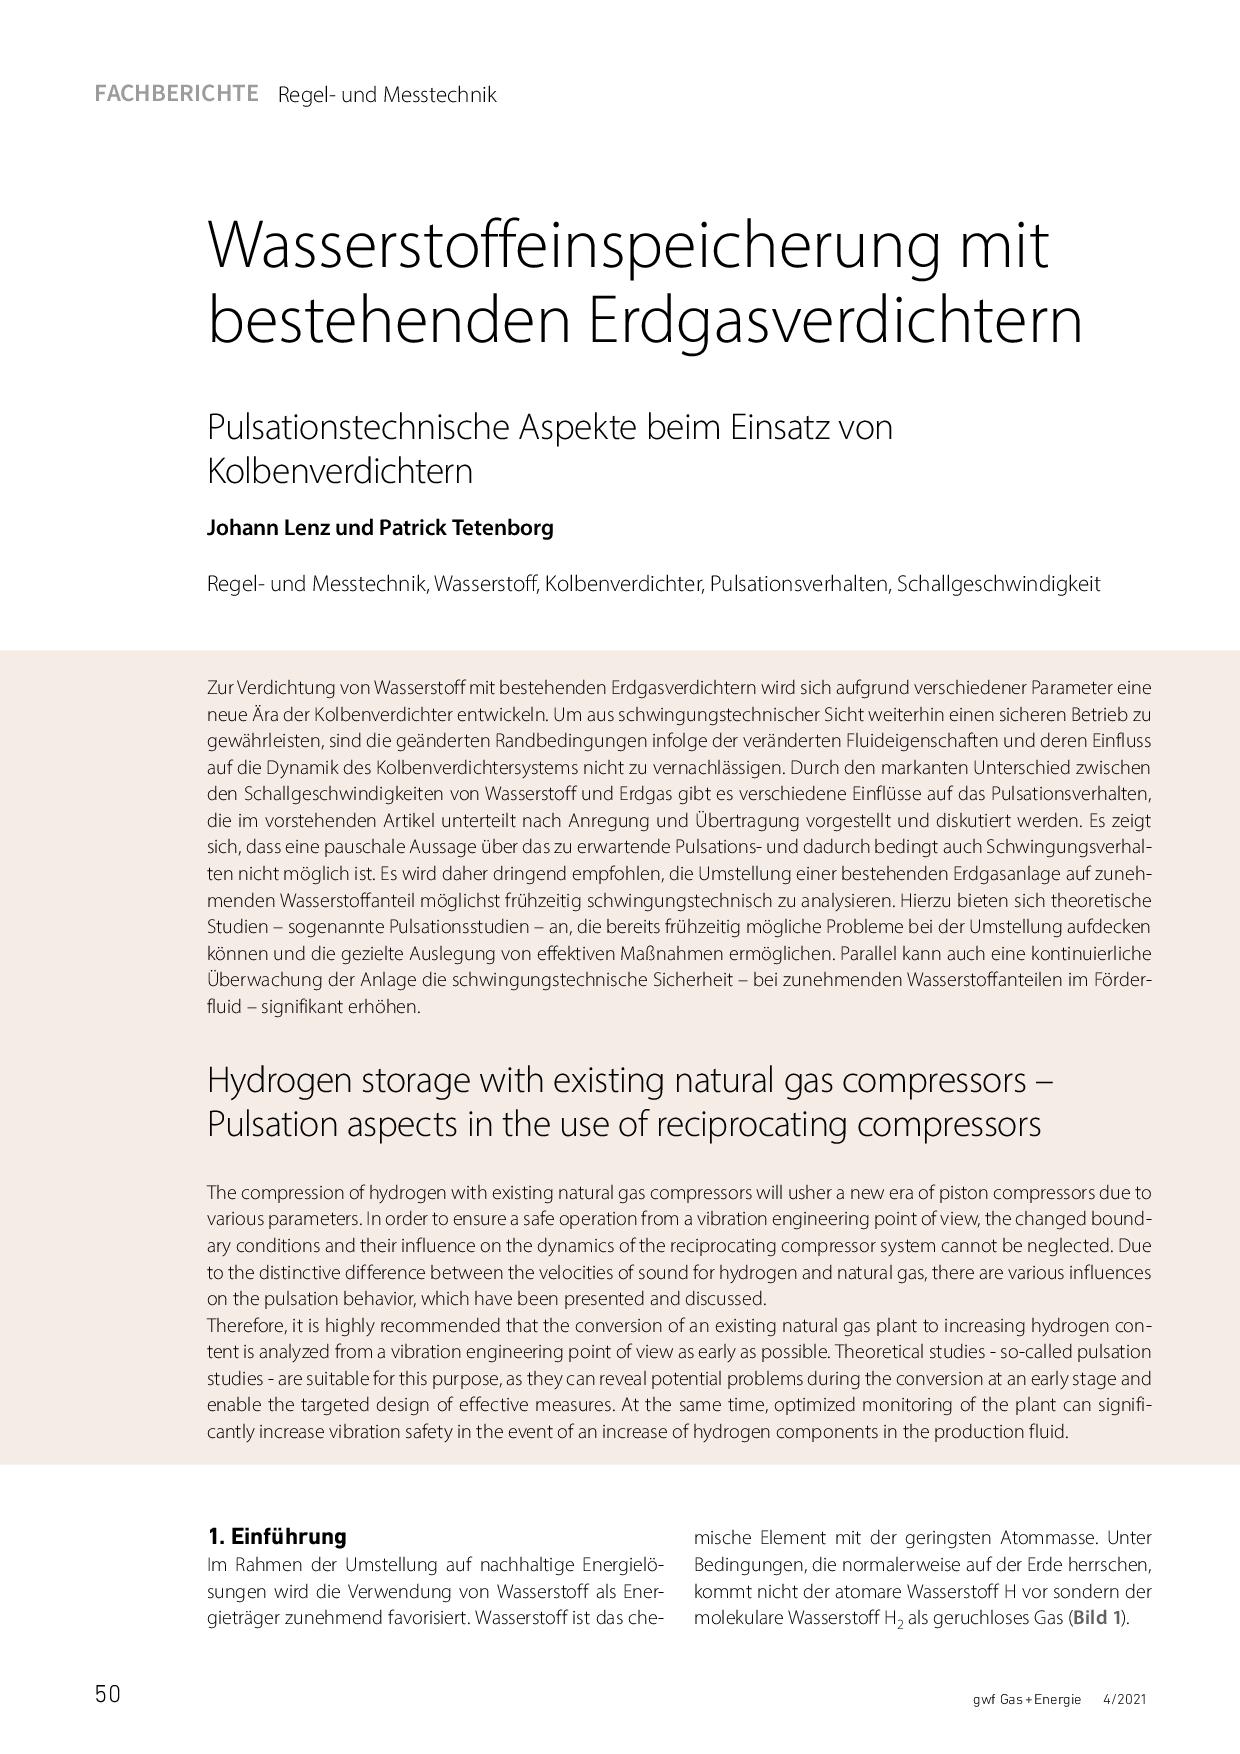 Wasserstoffeinspeicherung mit bestehenden Erdgasverdichtern